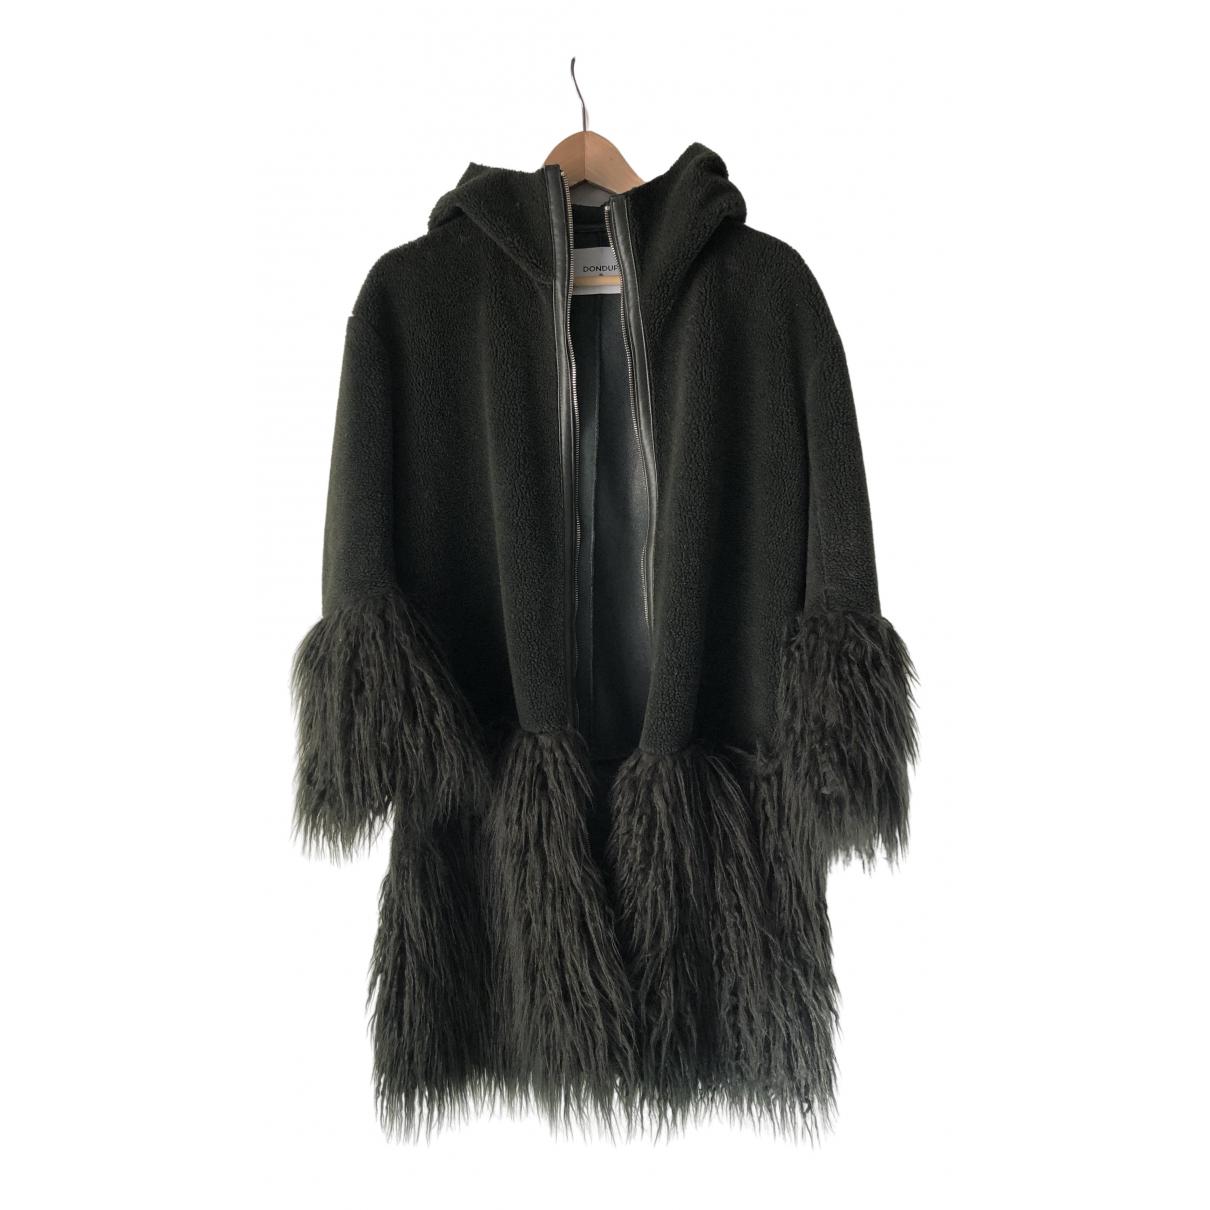 Dondup - Manteau   pour femme en fourrure synthetique - vert